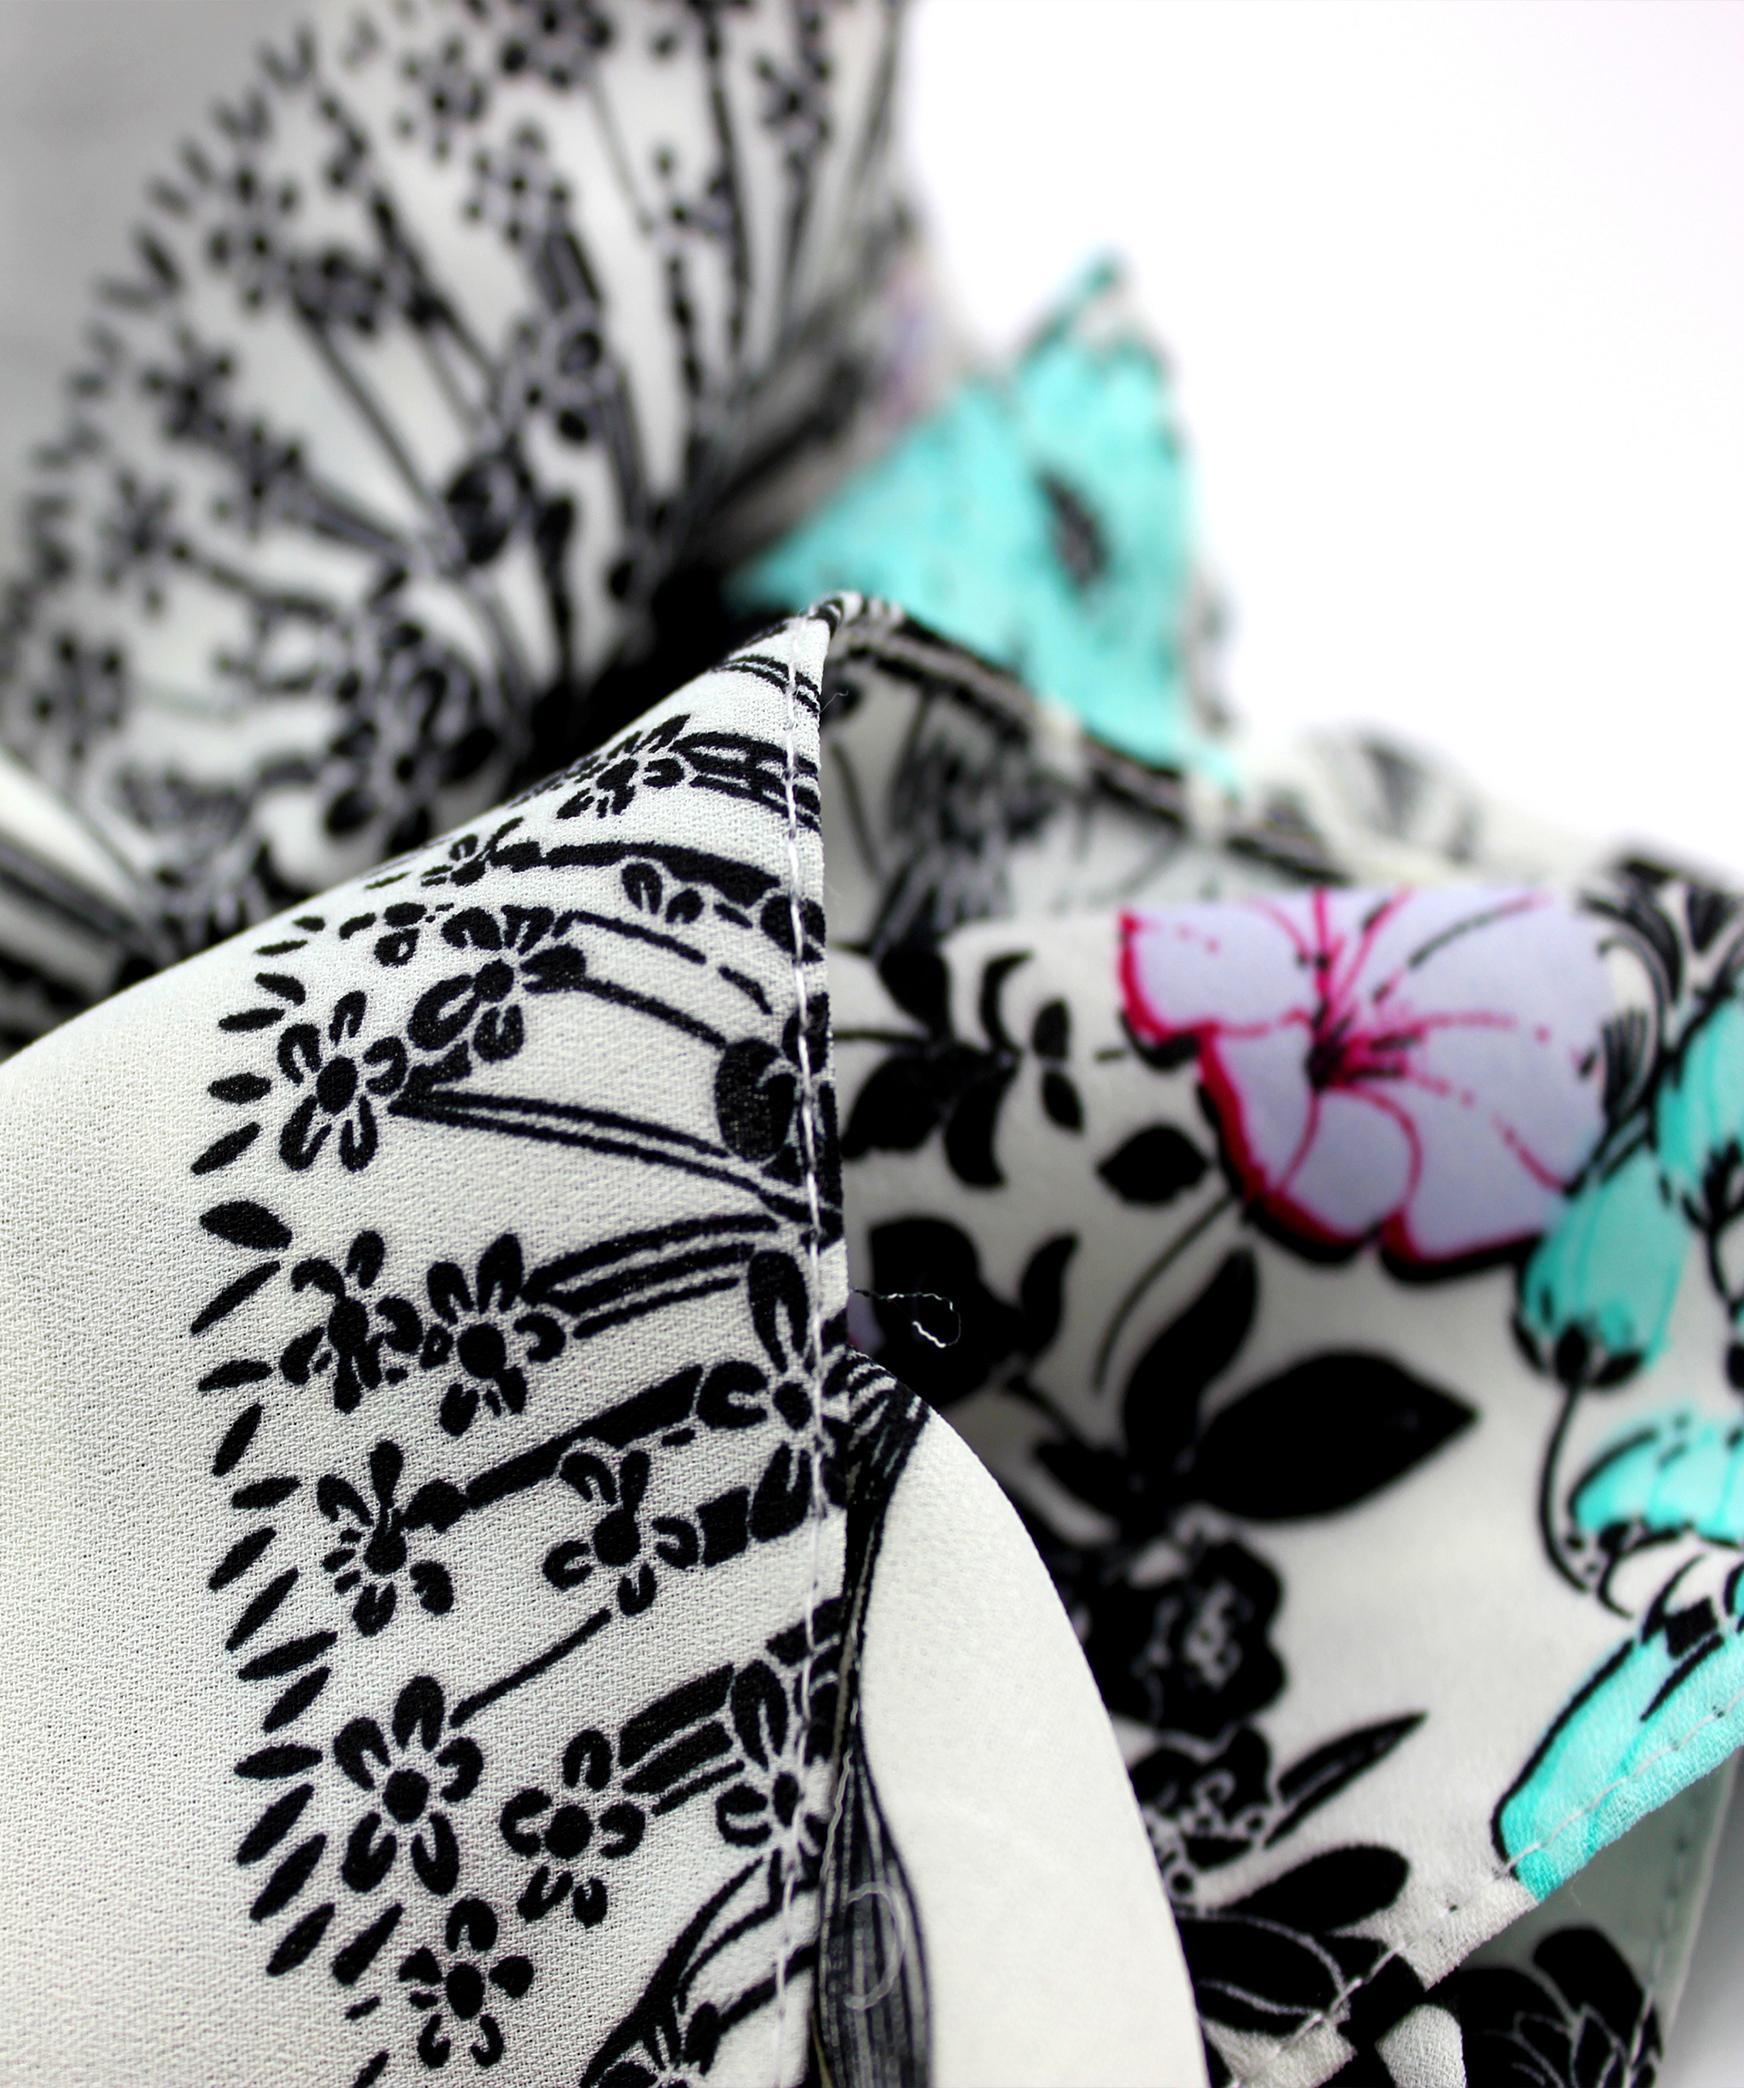 Masca dama 2in1 esarfa cu imprimeu floral